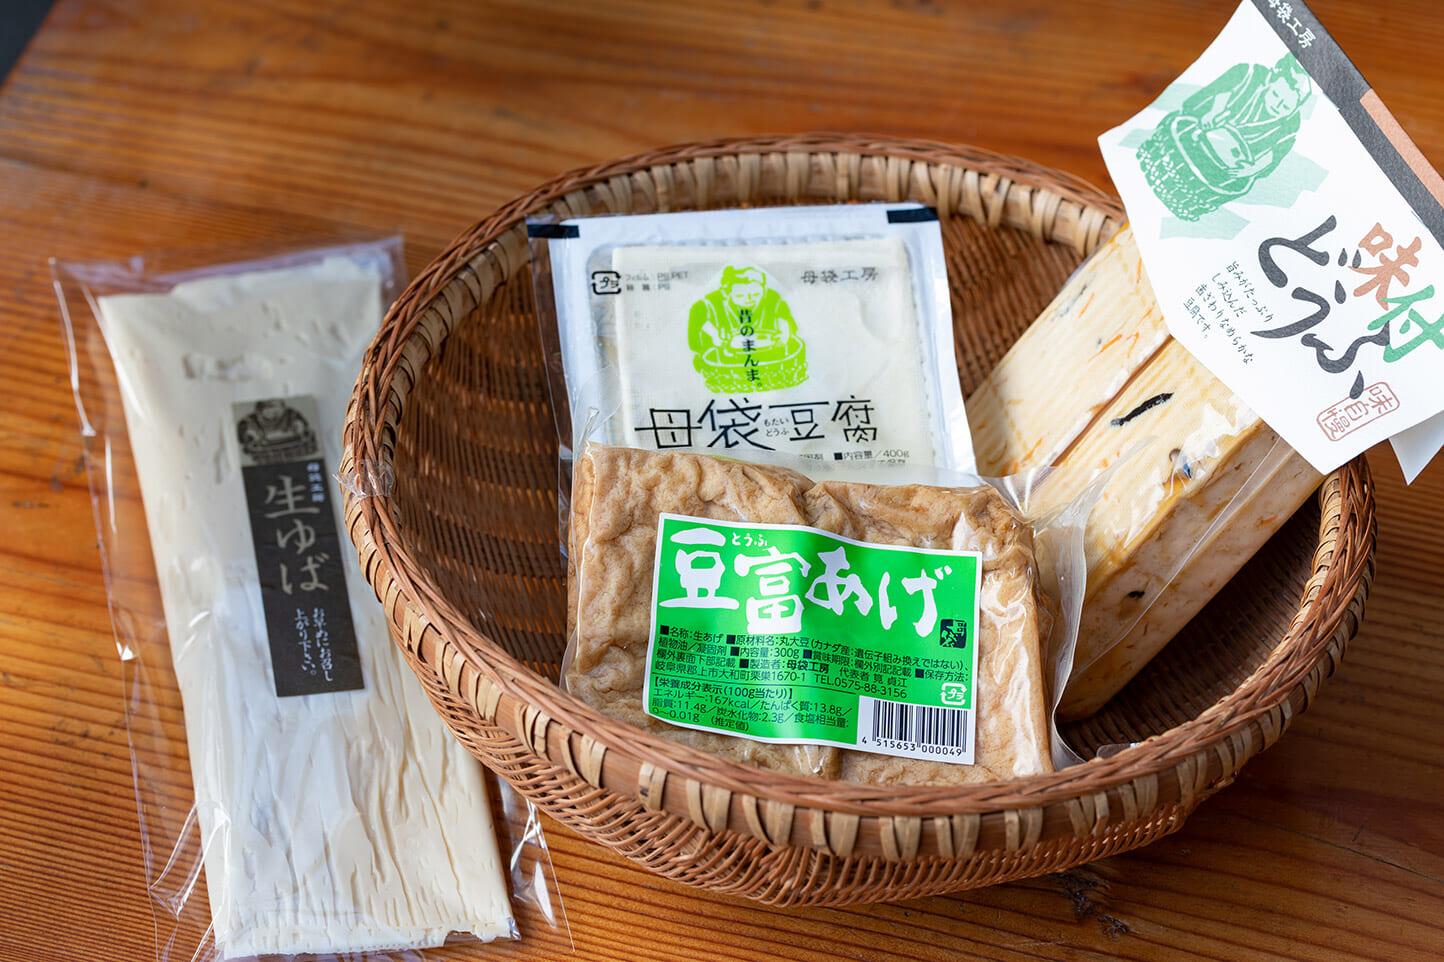 母袋工房(豆腐製造) スライダー画像2